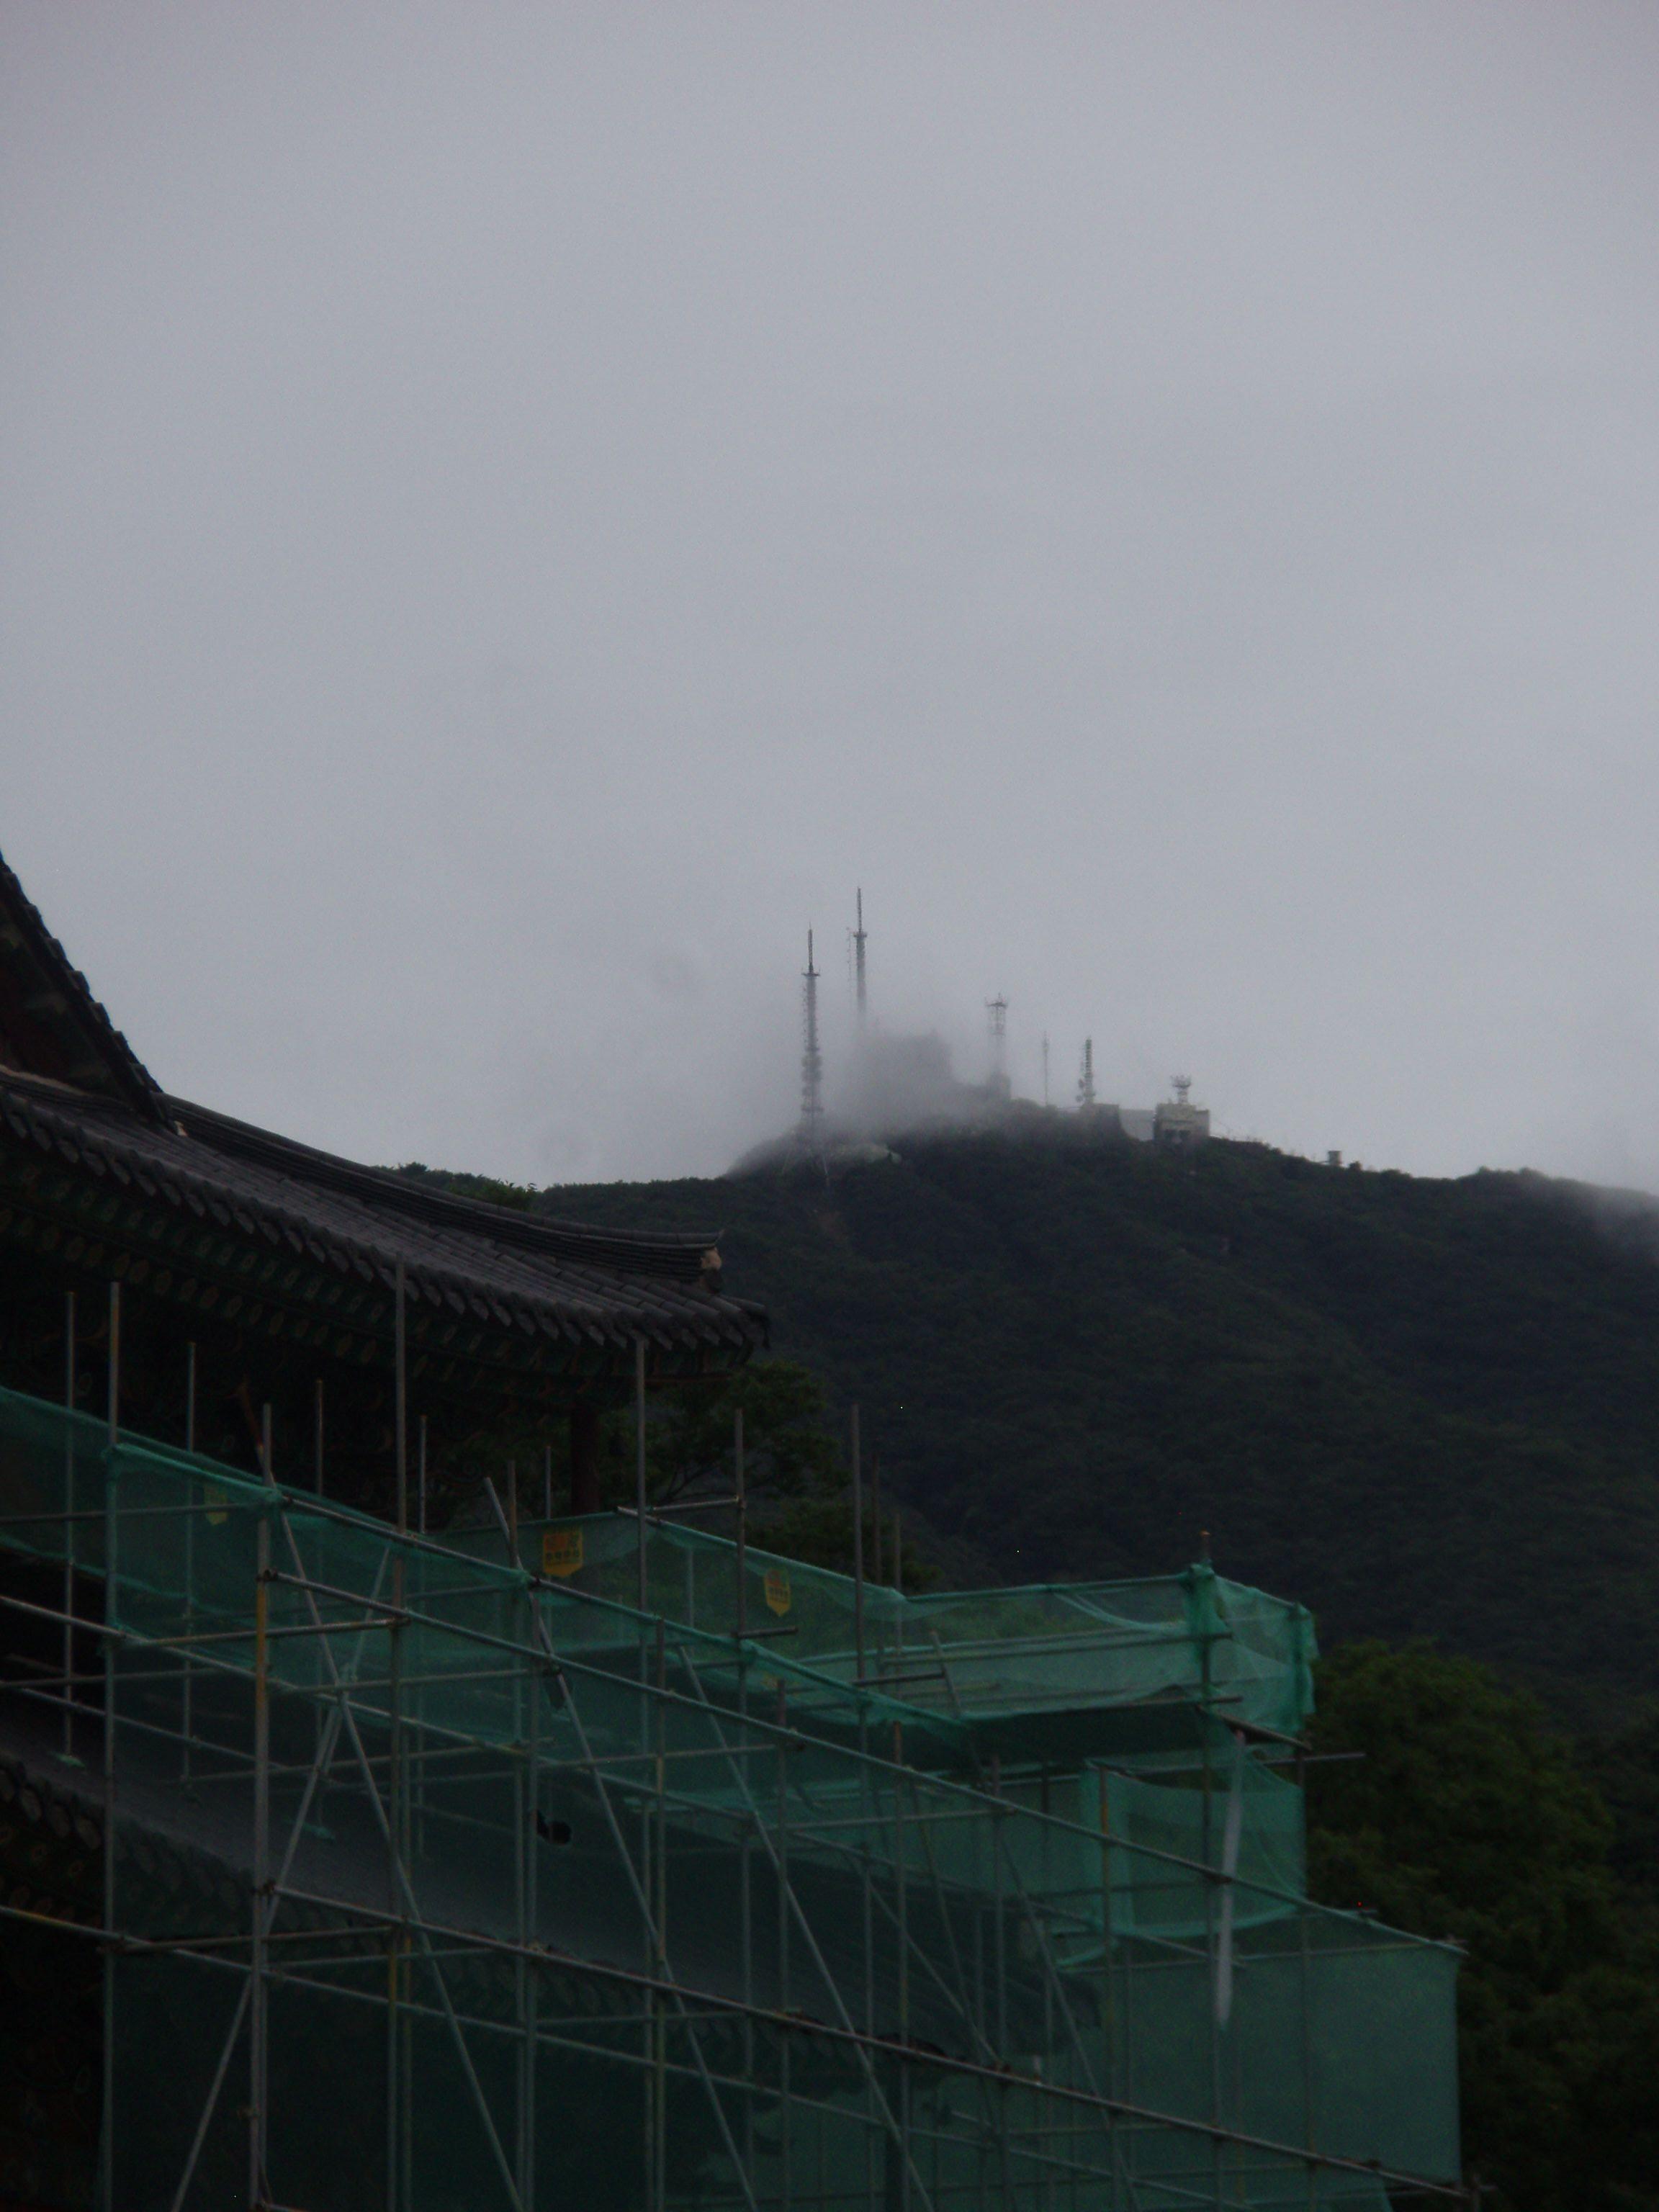 Misty-structure-e1345788673982.jpg